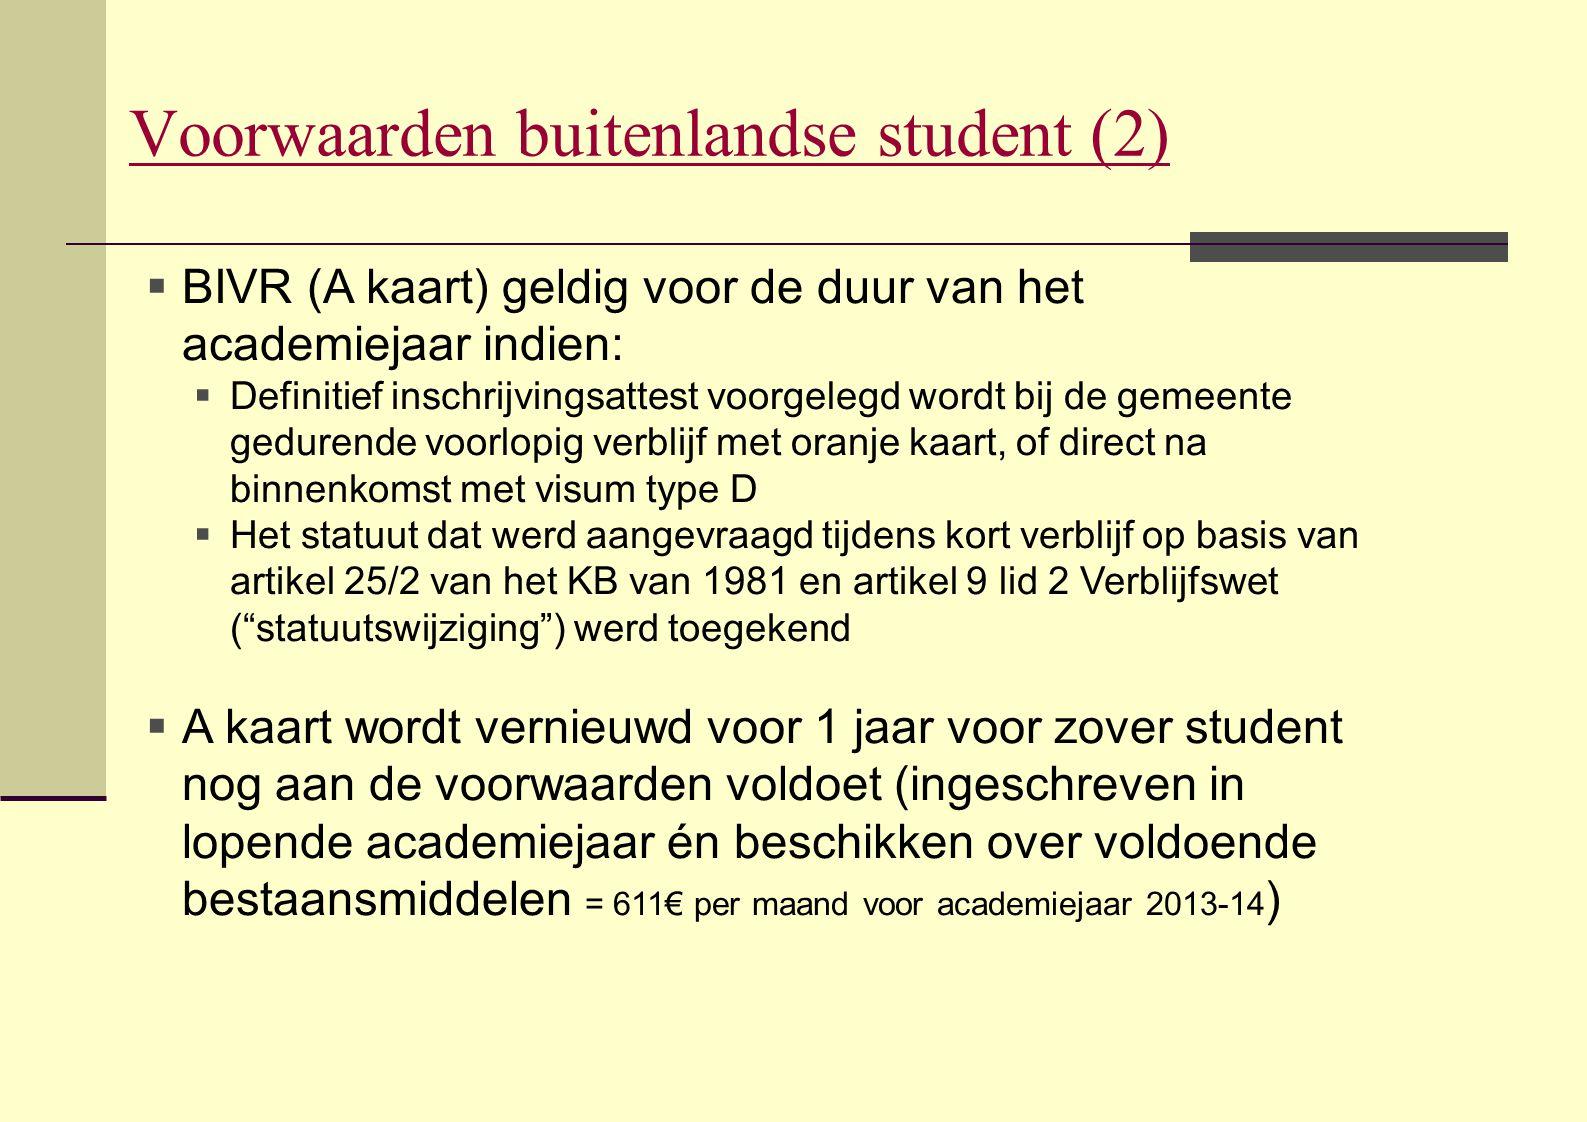 Voorwaarden buitenlandse student (2)